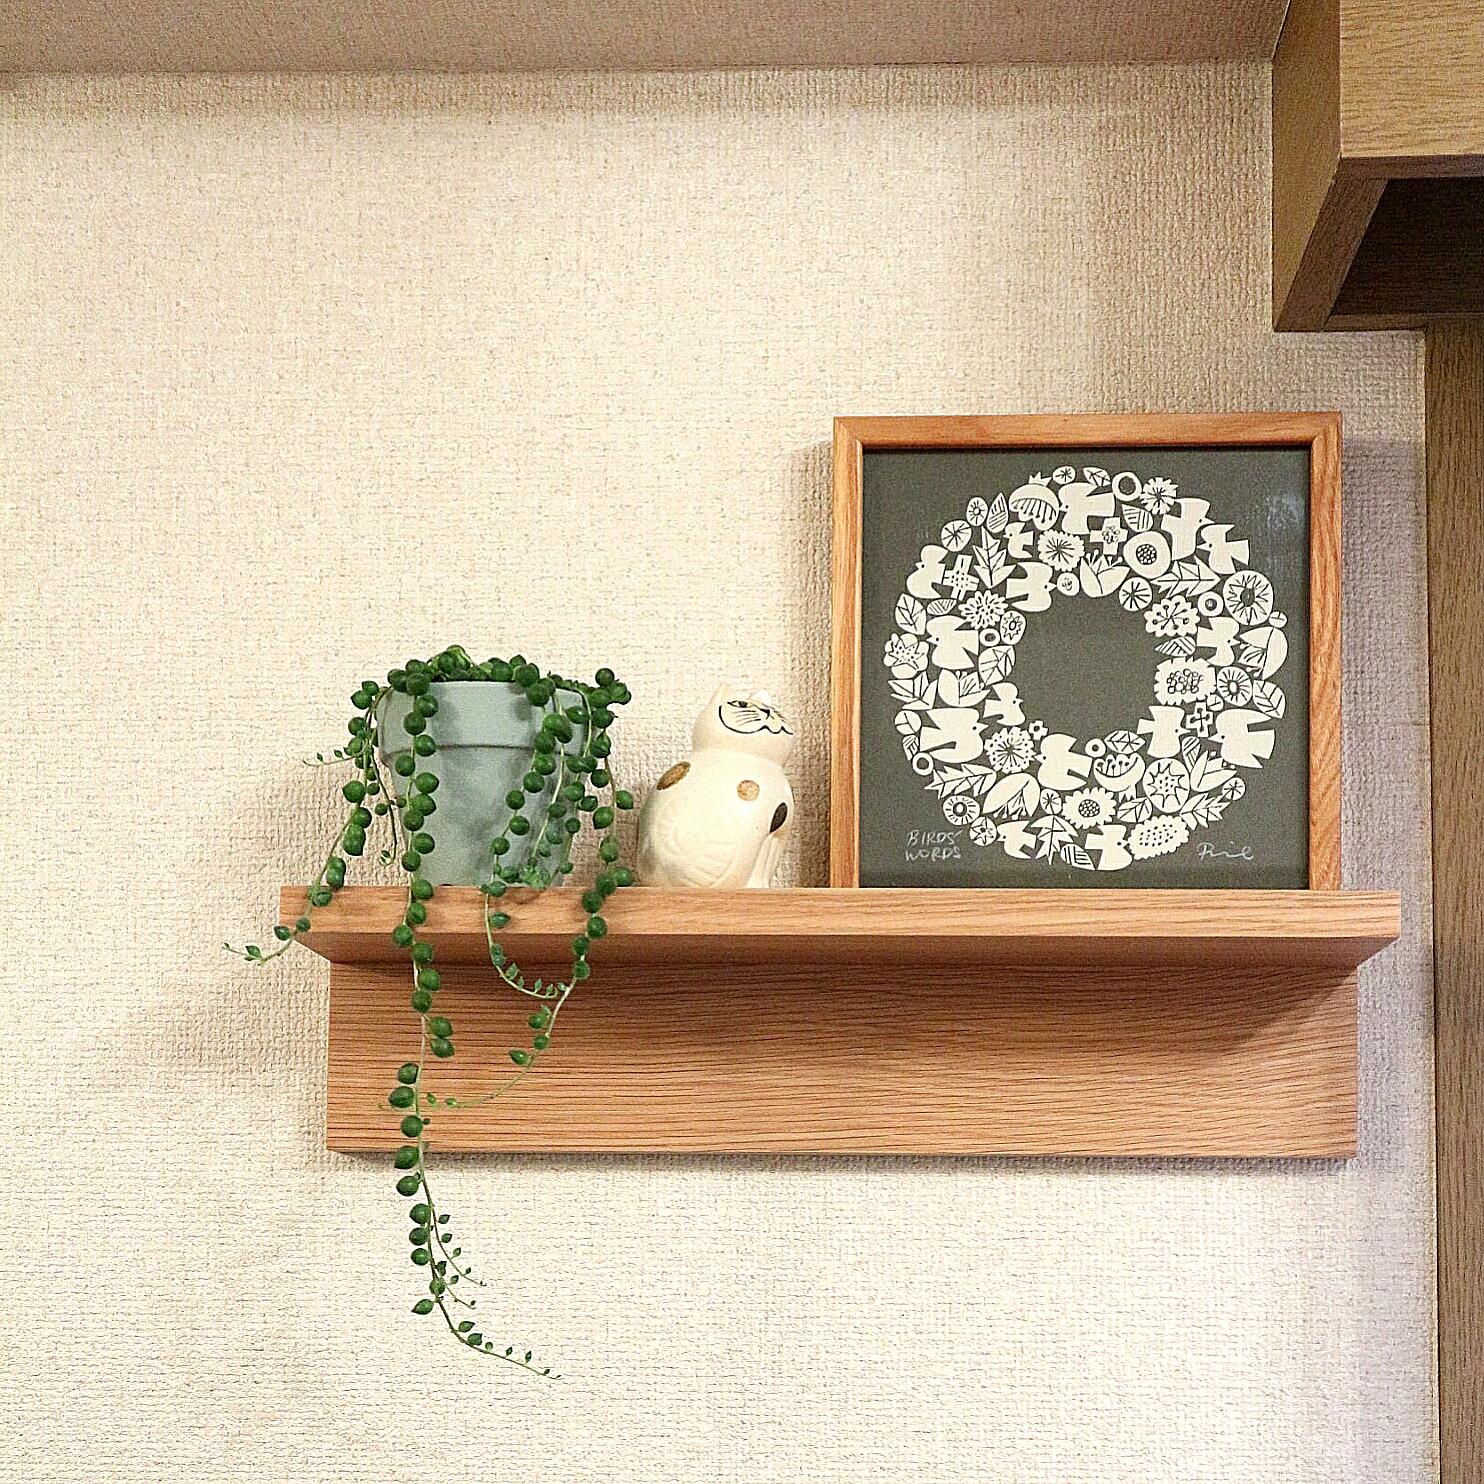 【無印良品】壁に付けられる家具のインテリア実例集【アイデア】